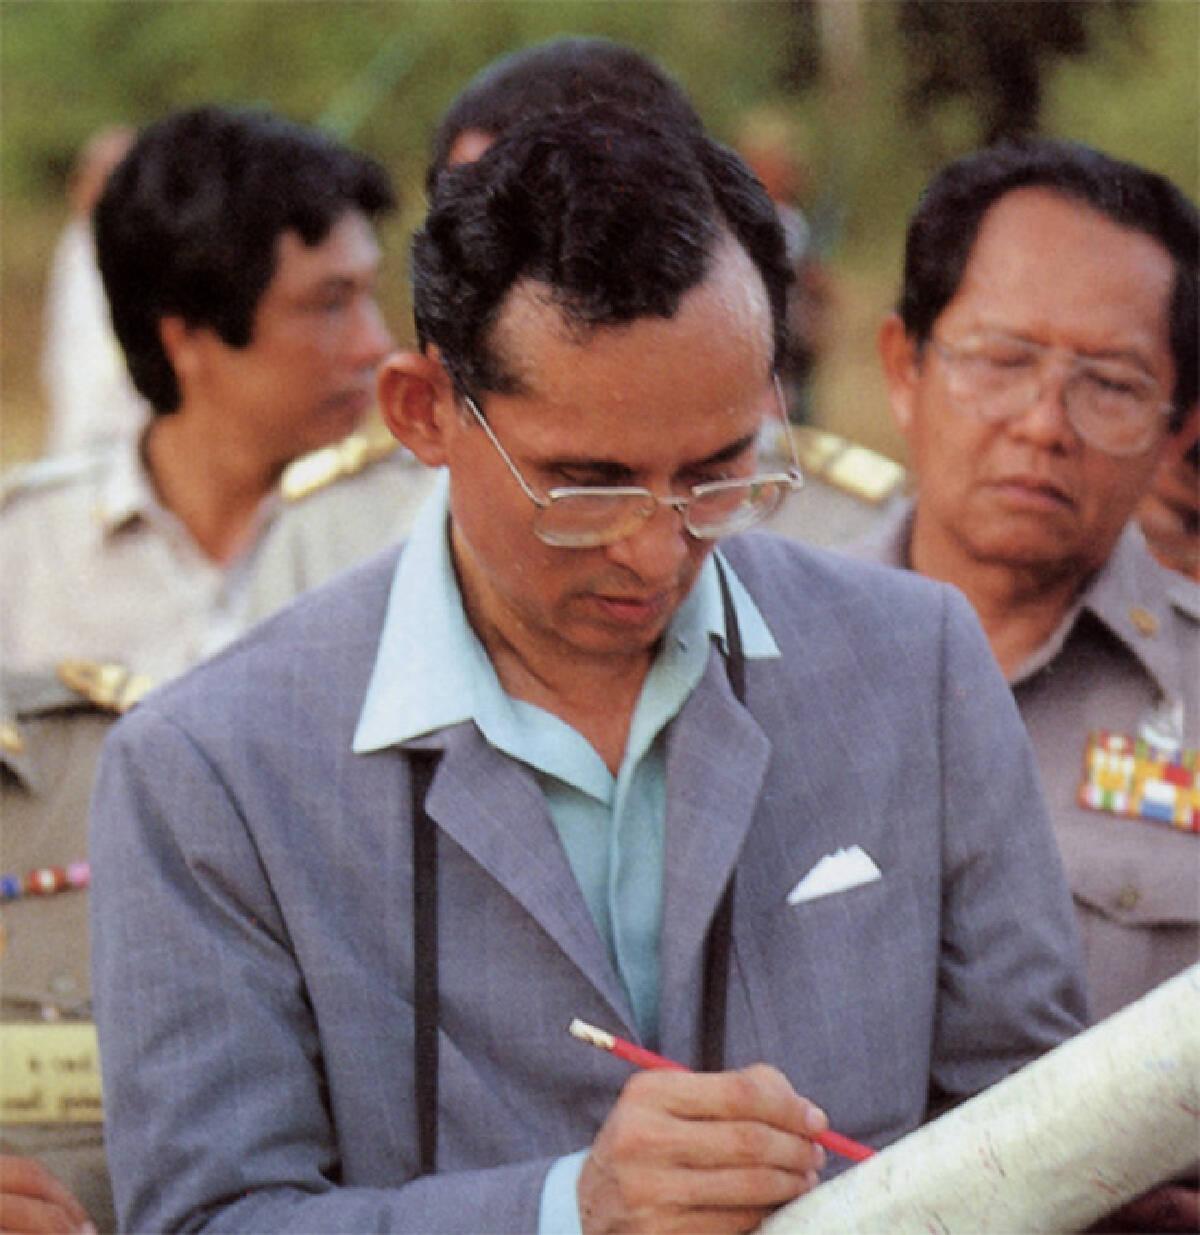 ในหลวง ร.9 กับ 12 พระบรมราโชวาทและพระราชดำรัสที่อยู่ในใจคนไทยไม่รู้ลืม